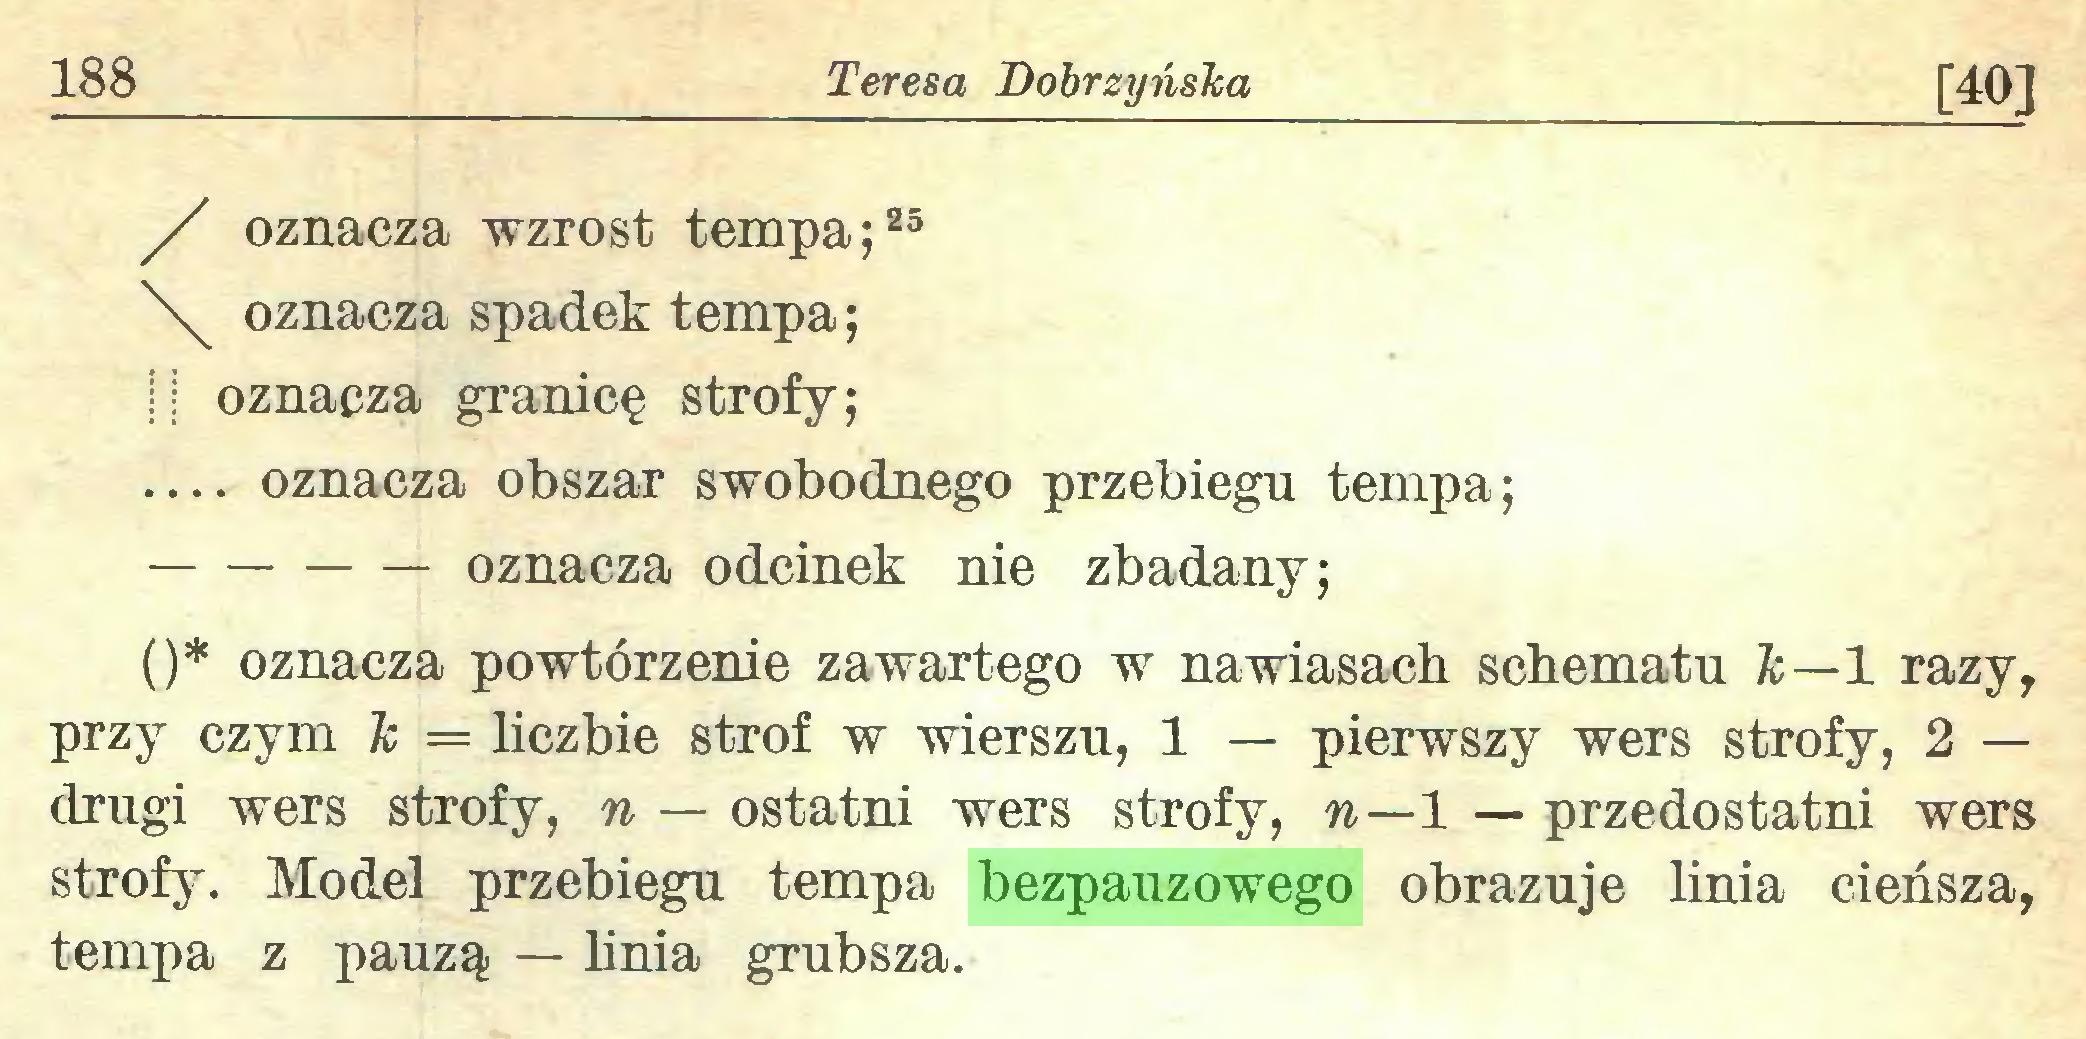 (...) 188 Teresa Dobrzyńska [40] / oznacza wzrost tempa;25 oznacza spadek tempa; || oznacza granicę strofy; — oznacza obszar swobodnego przebiegu tempa; oznacza odcinek nie zbadany; ()* oznacza powtórzenie zawartego w nawiasach schematu Tc—1 razy, przy czym ic = liczbie strof w wierszu, 1 — pierwszy wers strofy, 2 — drugi wers strofy, n — ostatni wers strofy, n—1 — przedostatni wers strofy. Model przebiegu tempa bezpauzowego obrazuje linia cieńsza, tempa z pauzą — linia grubsza...